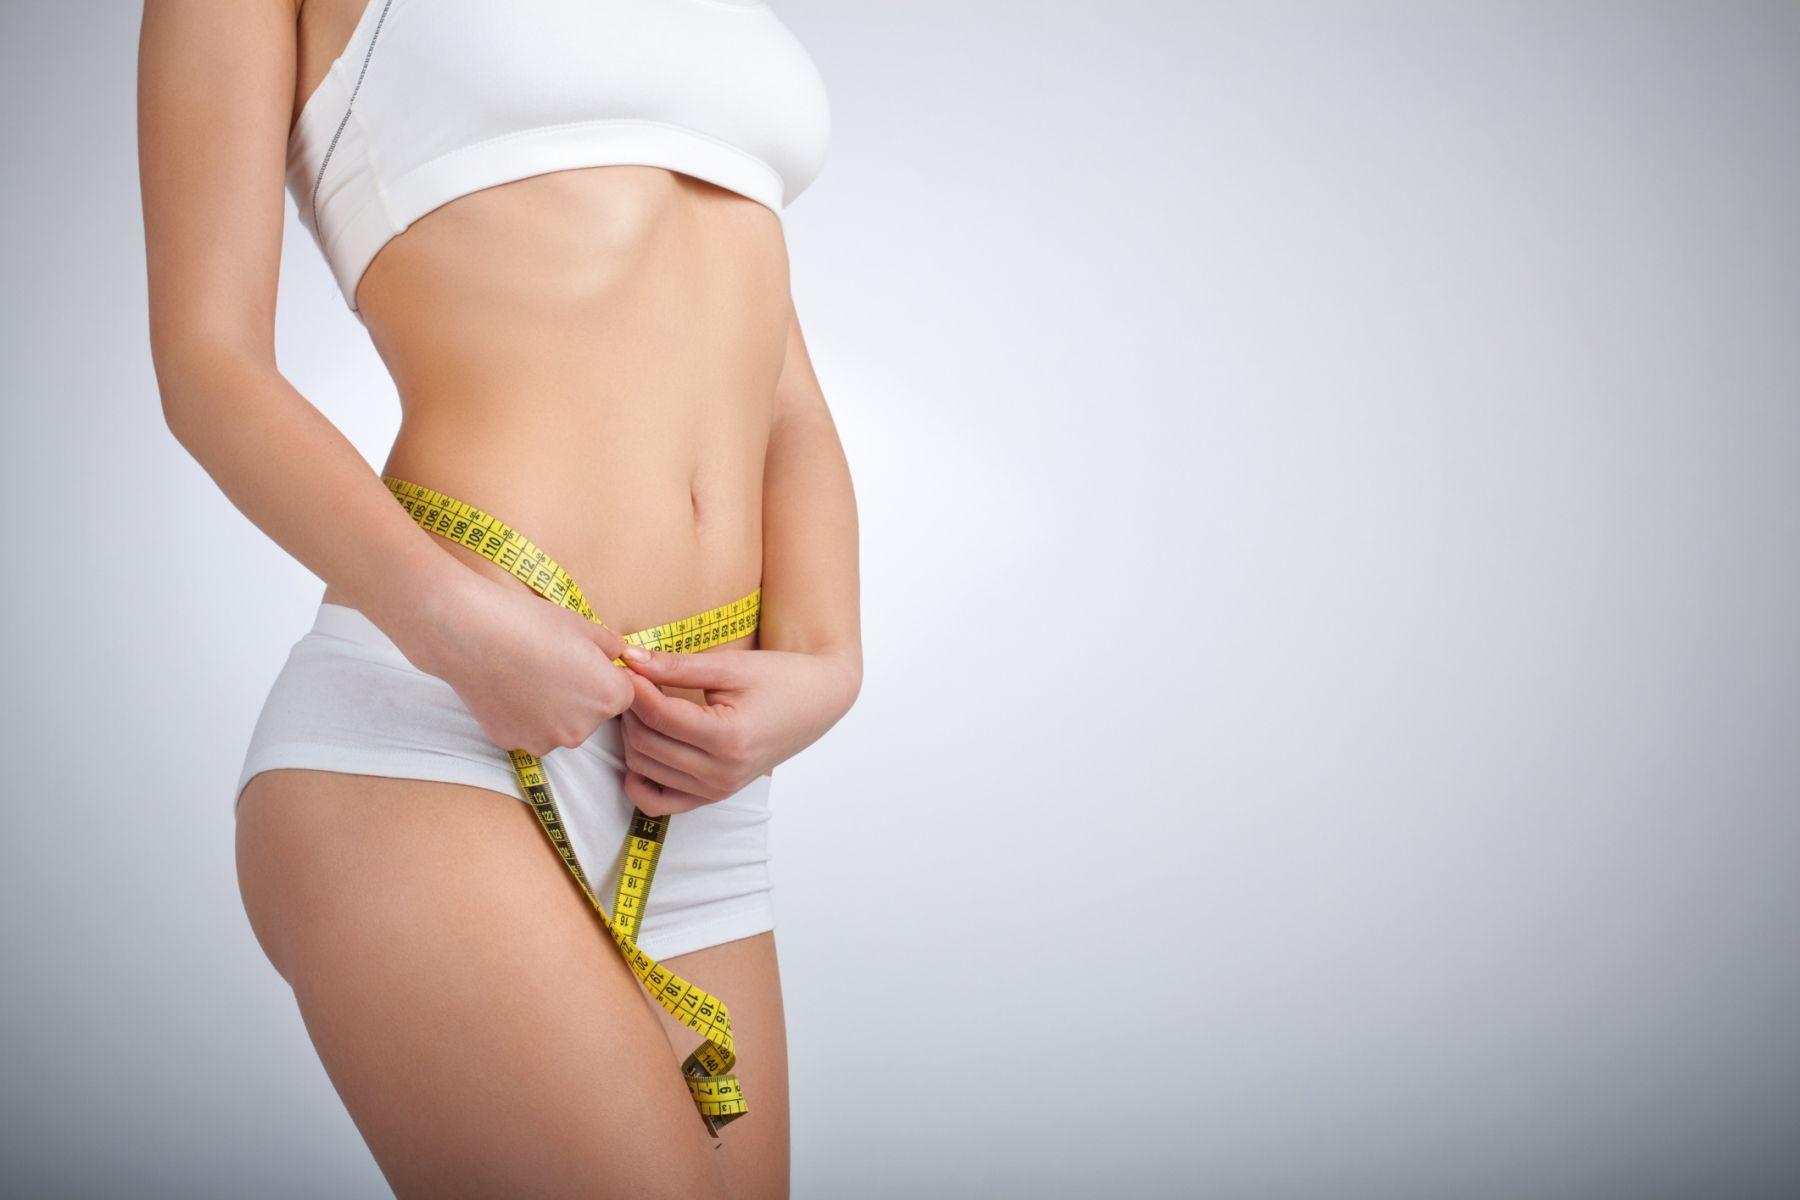 Фитнес и Похудение: Как похудеть с помощью дыхания